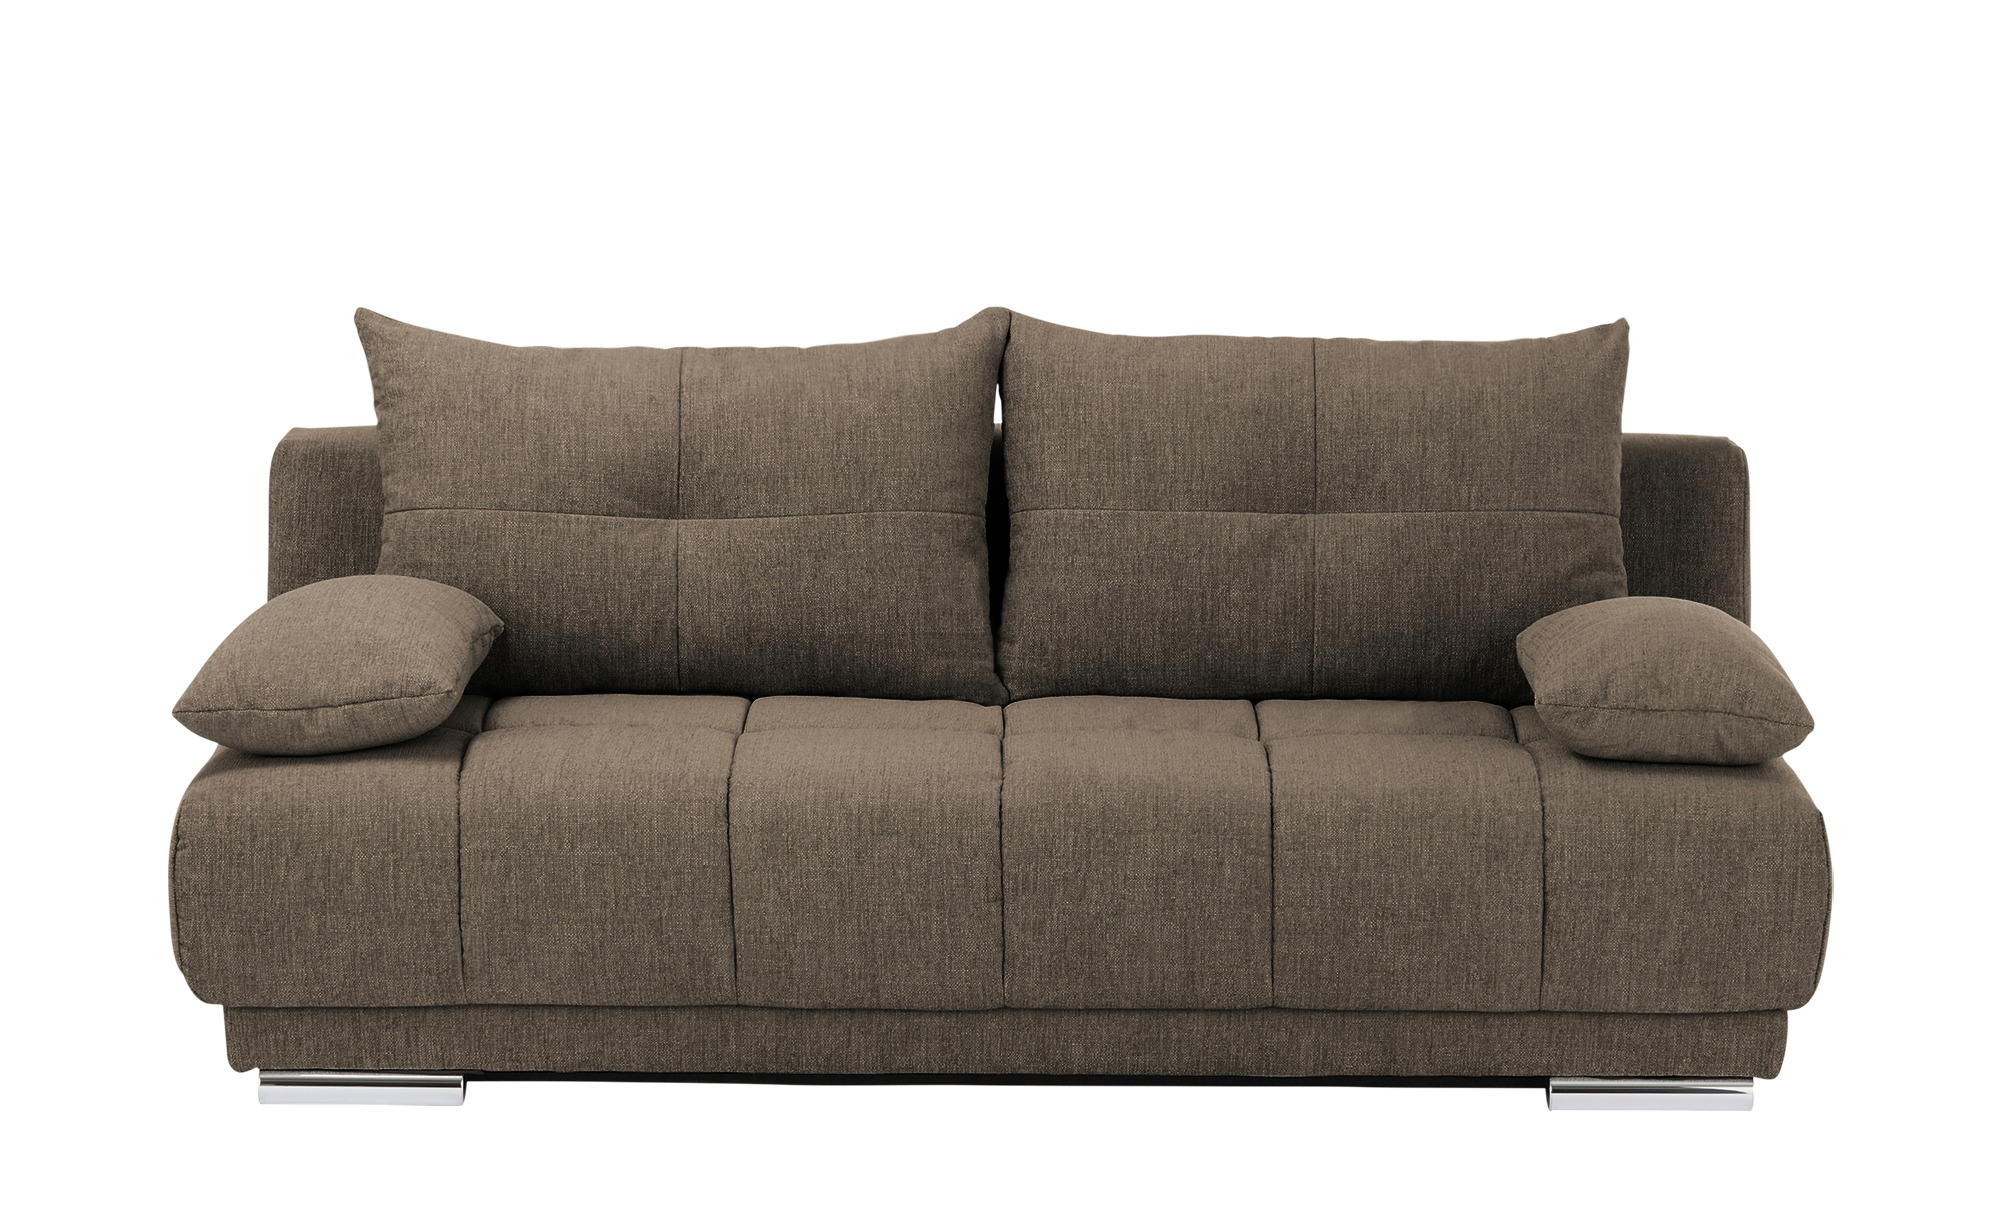 bobb Schlafsofa  Isalie ¦ braun ¦ Maße (cm): B: 206 H: 92 T: 105 Polstermöbel > Sofas > Einzelsofas - Höffner